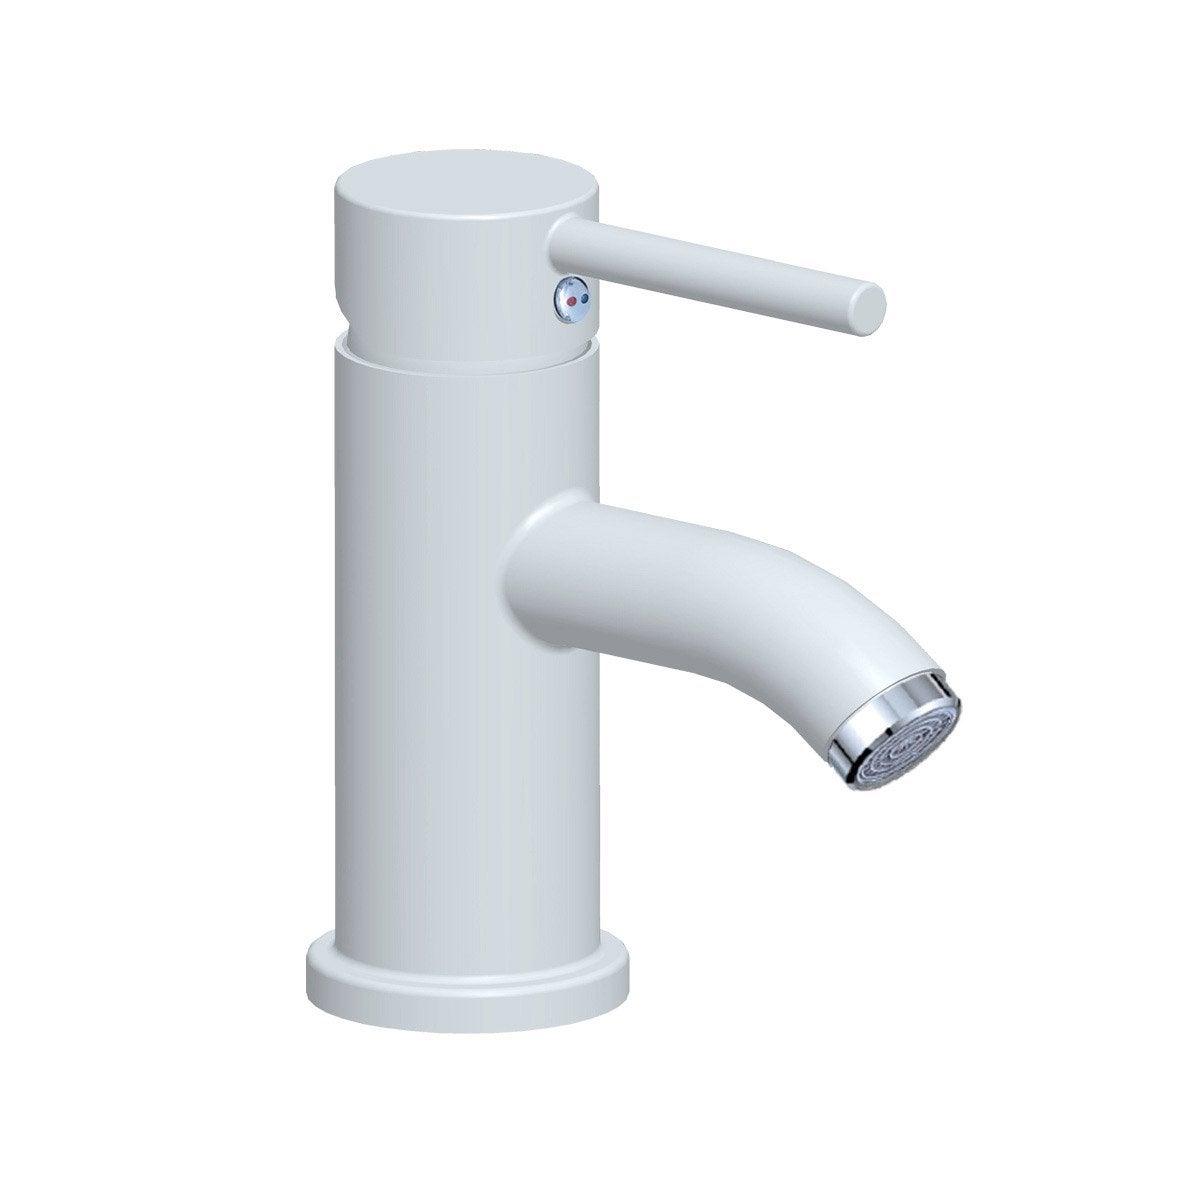 mitigeur de lavabo blanc sensea mia Résultat Supérieur 14 Merveilleux Robinet Blanc Lavabo Stock 2018 Zat3